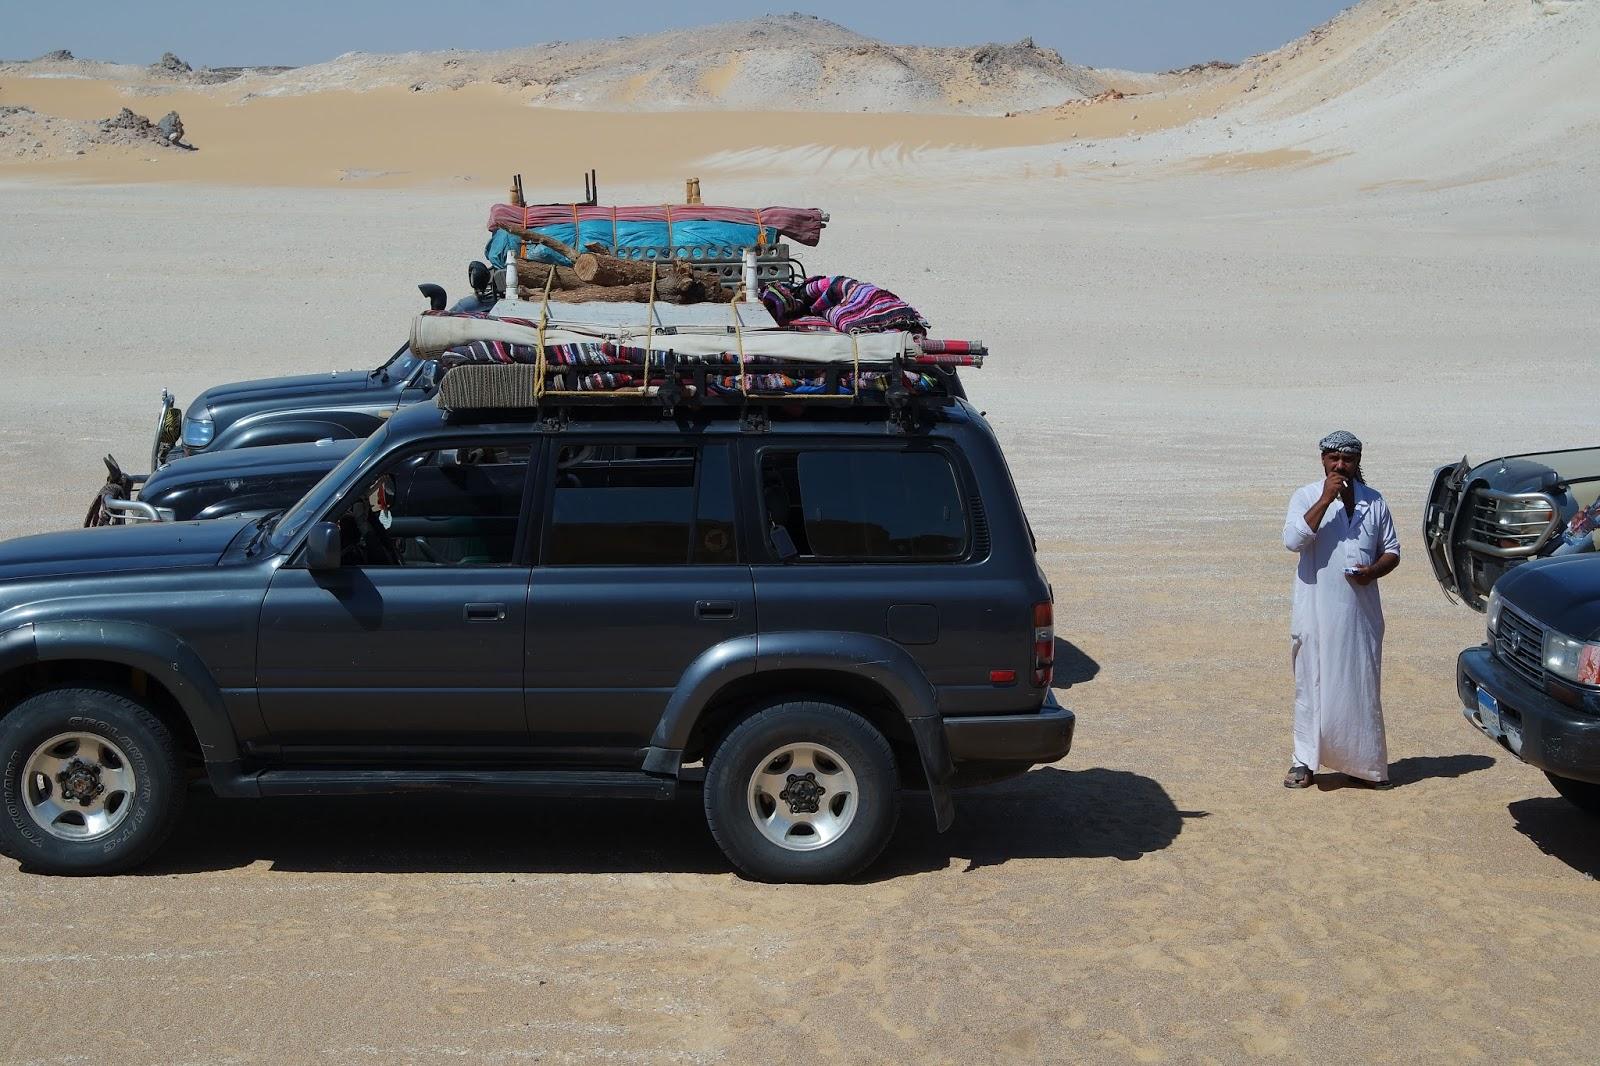 saara egito deserto branco deserto preto